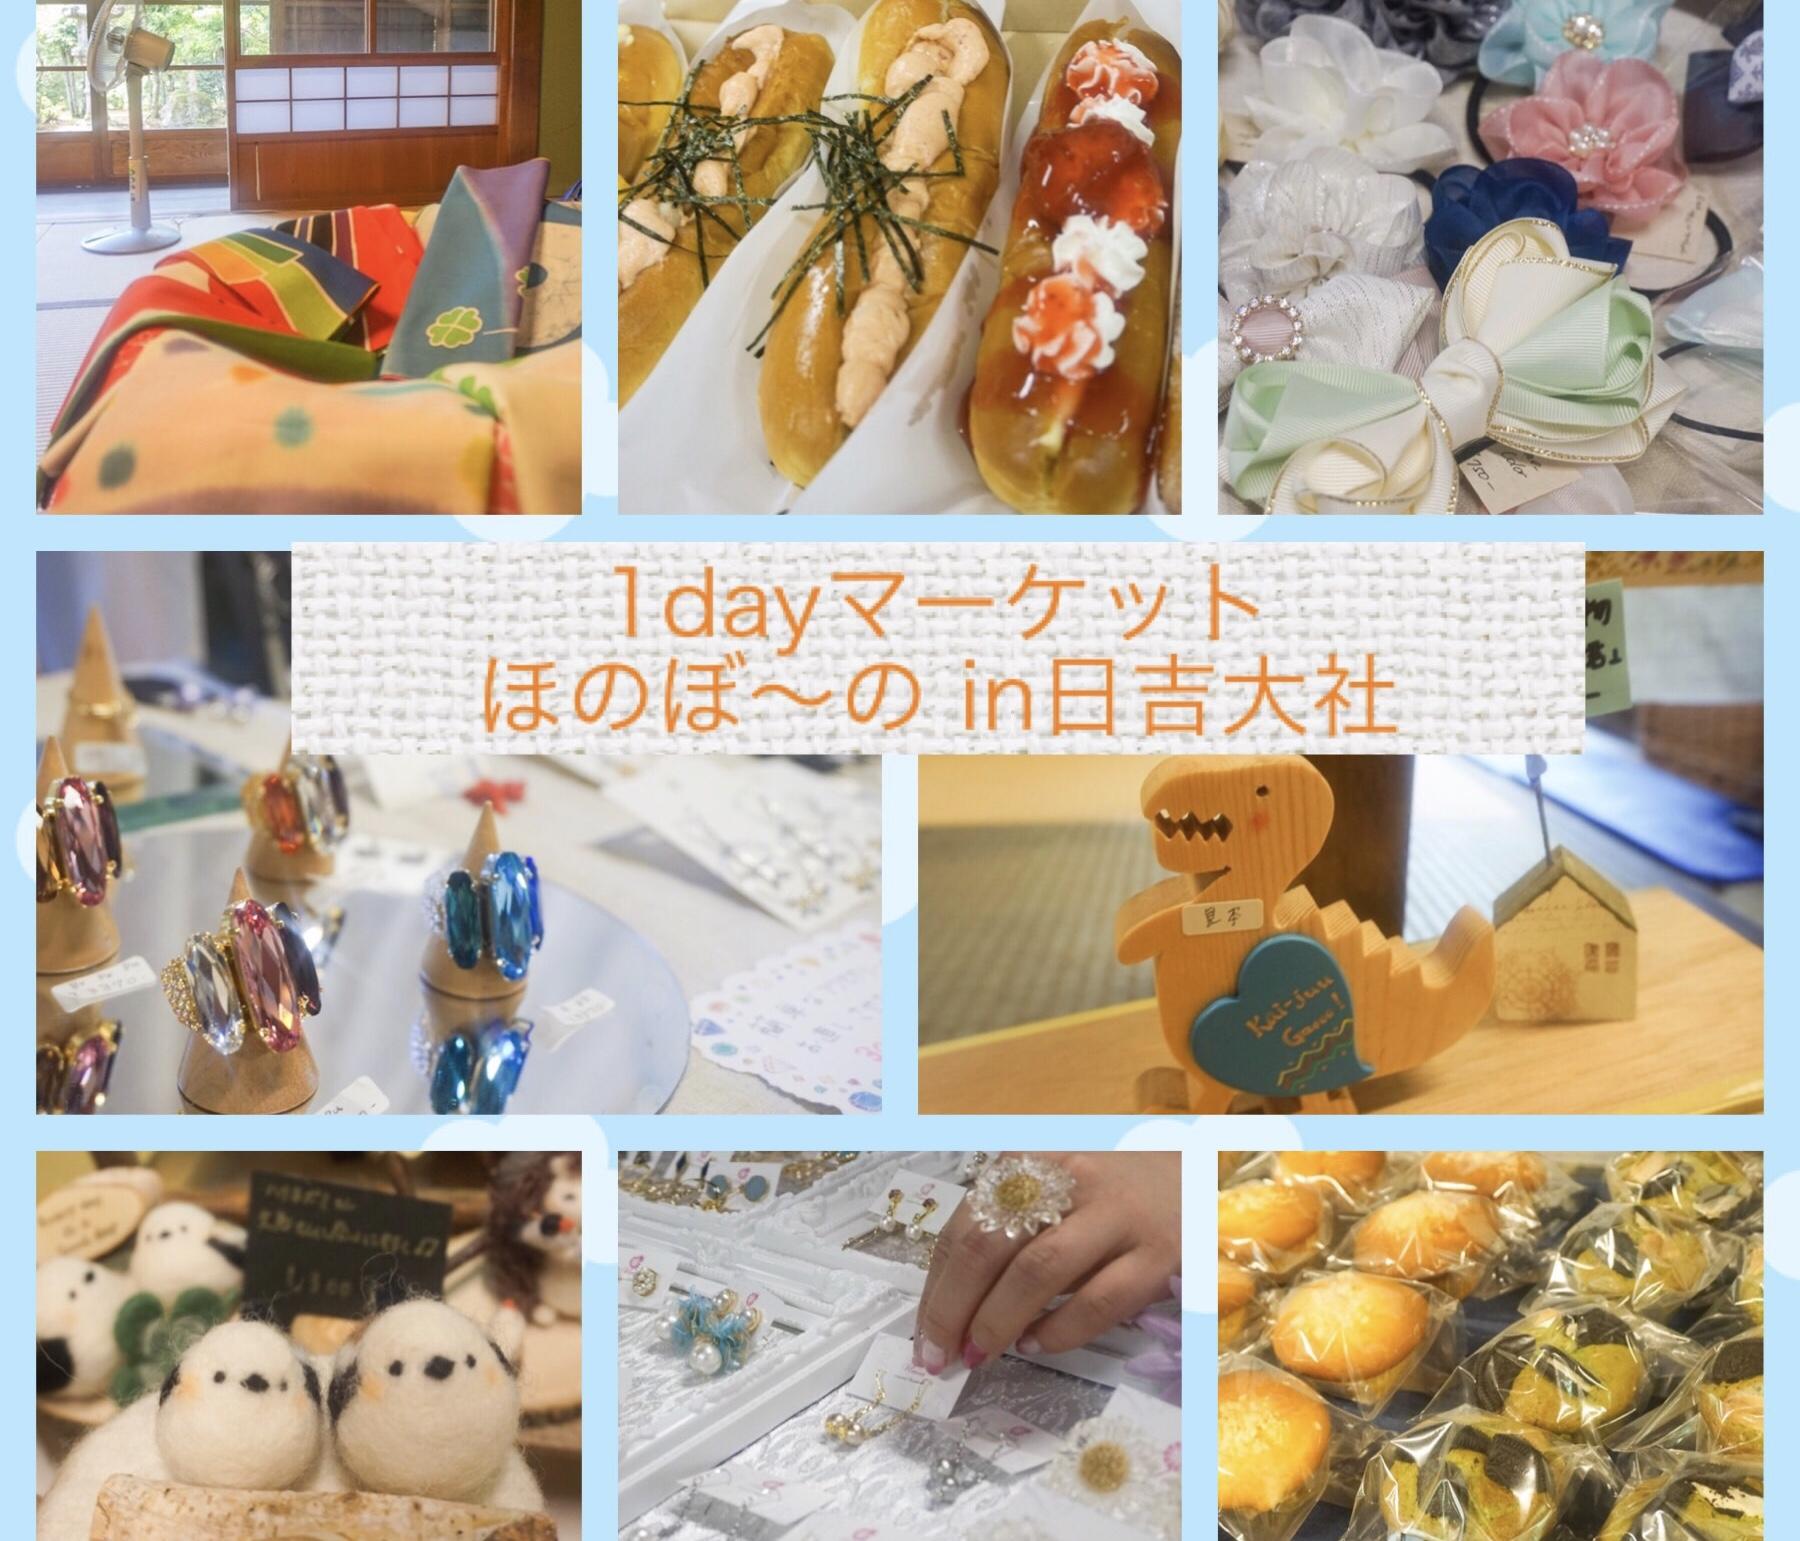 【6/25(火)】1dayマーケットほのぼ〜のin日吉大社★素敵な手作り作家のマルシェやワークショップが室内開催でゆっくり楽しめる♪